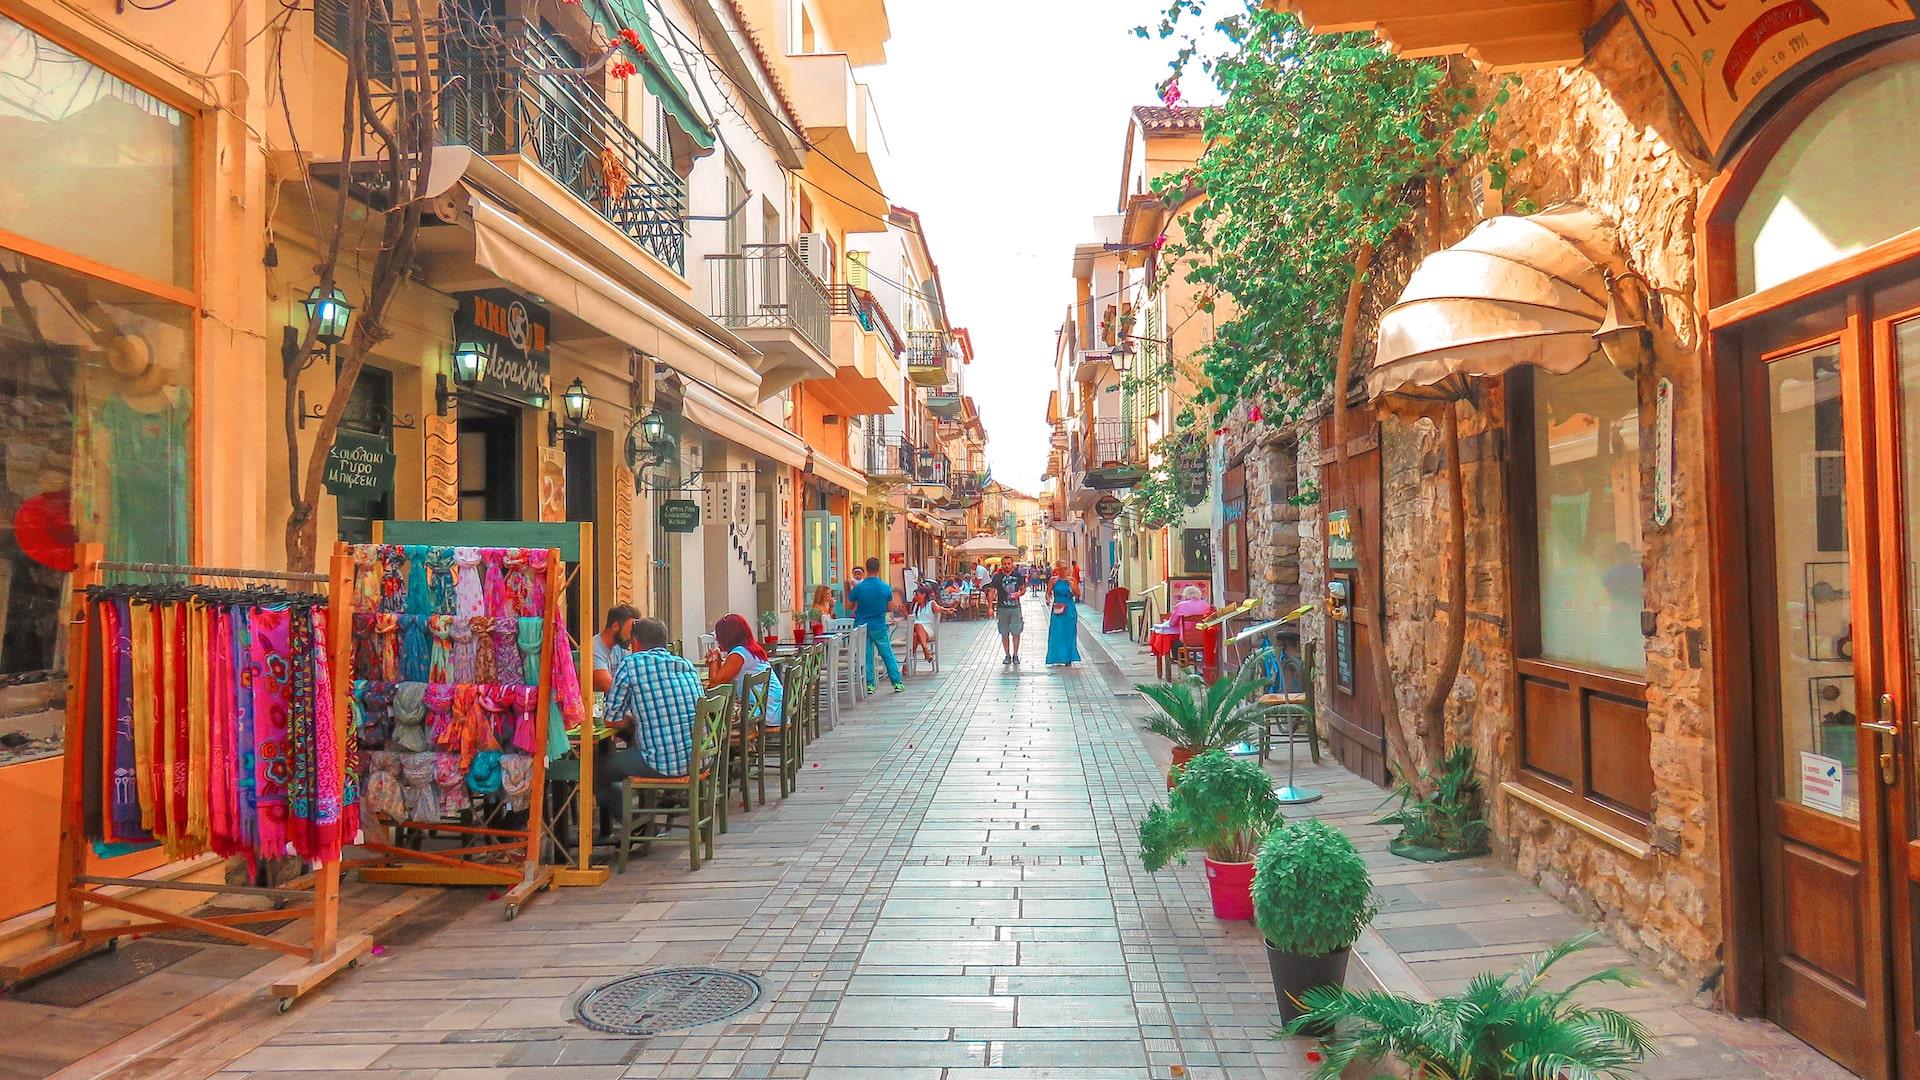 Compra na Grécia - produtos que valem a pena comprar na grecia